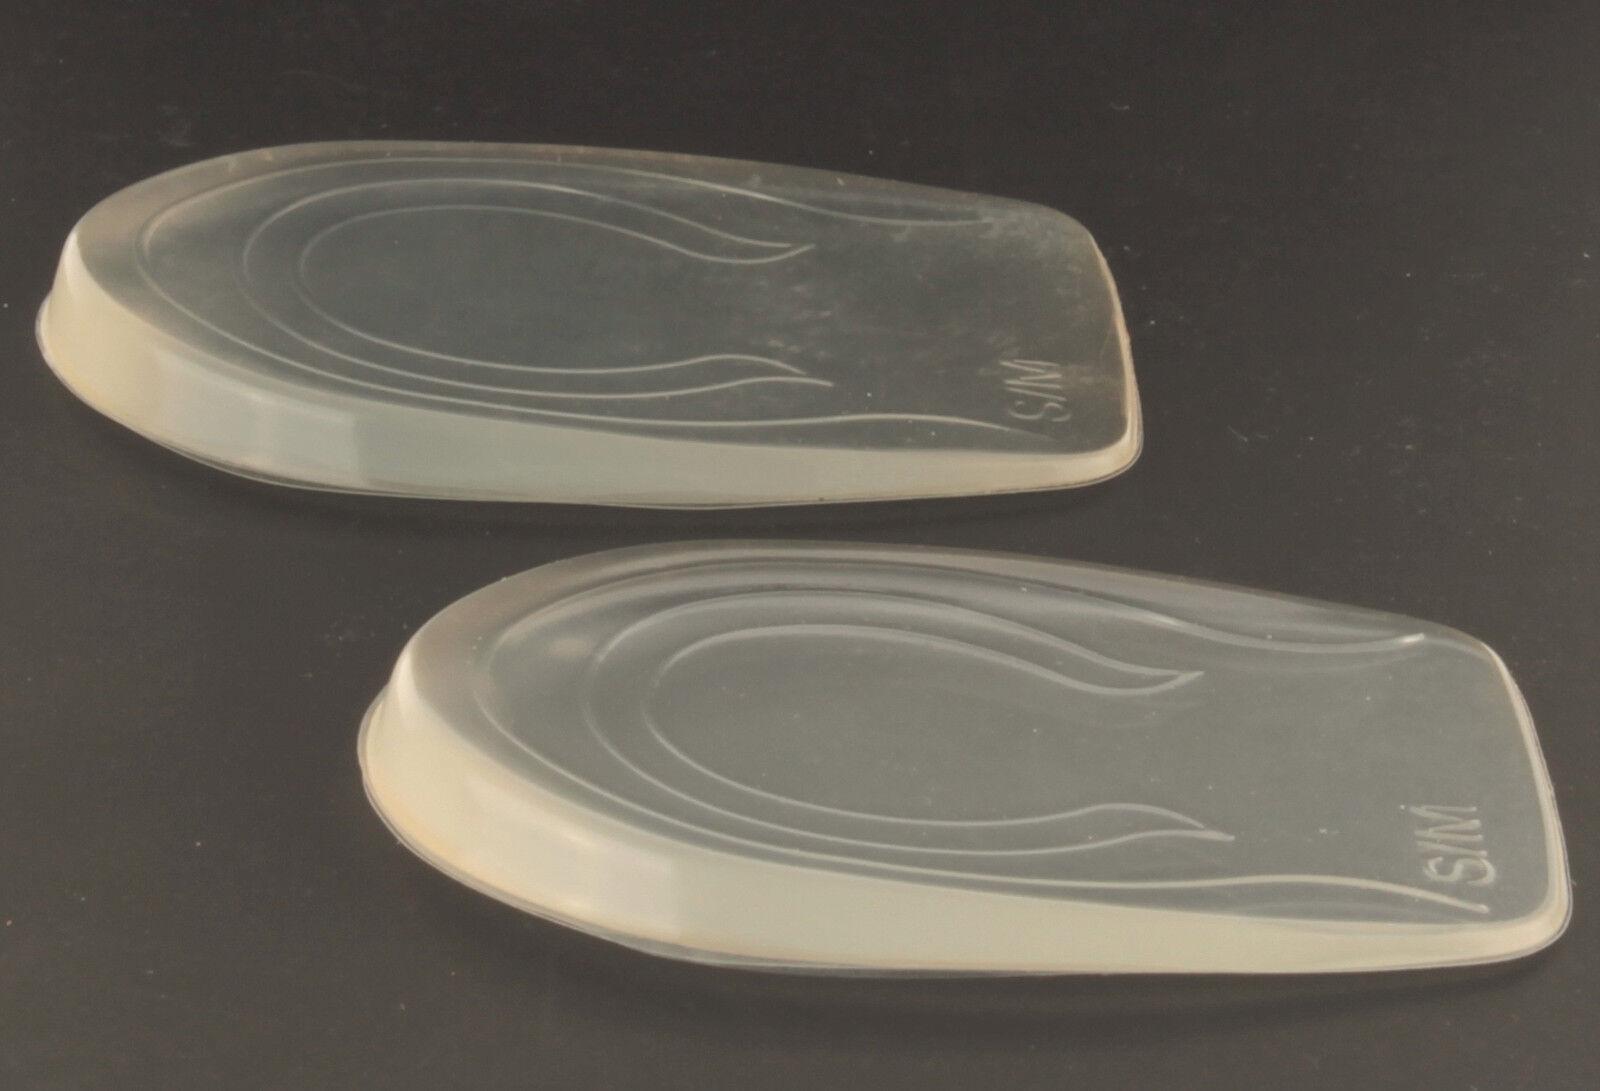 Gel Schuhalbsohle für Ihre Ferse Fersenpolster Fersenschutz Set Fersenkissen NEU